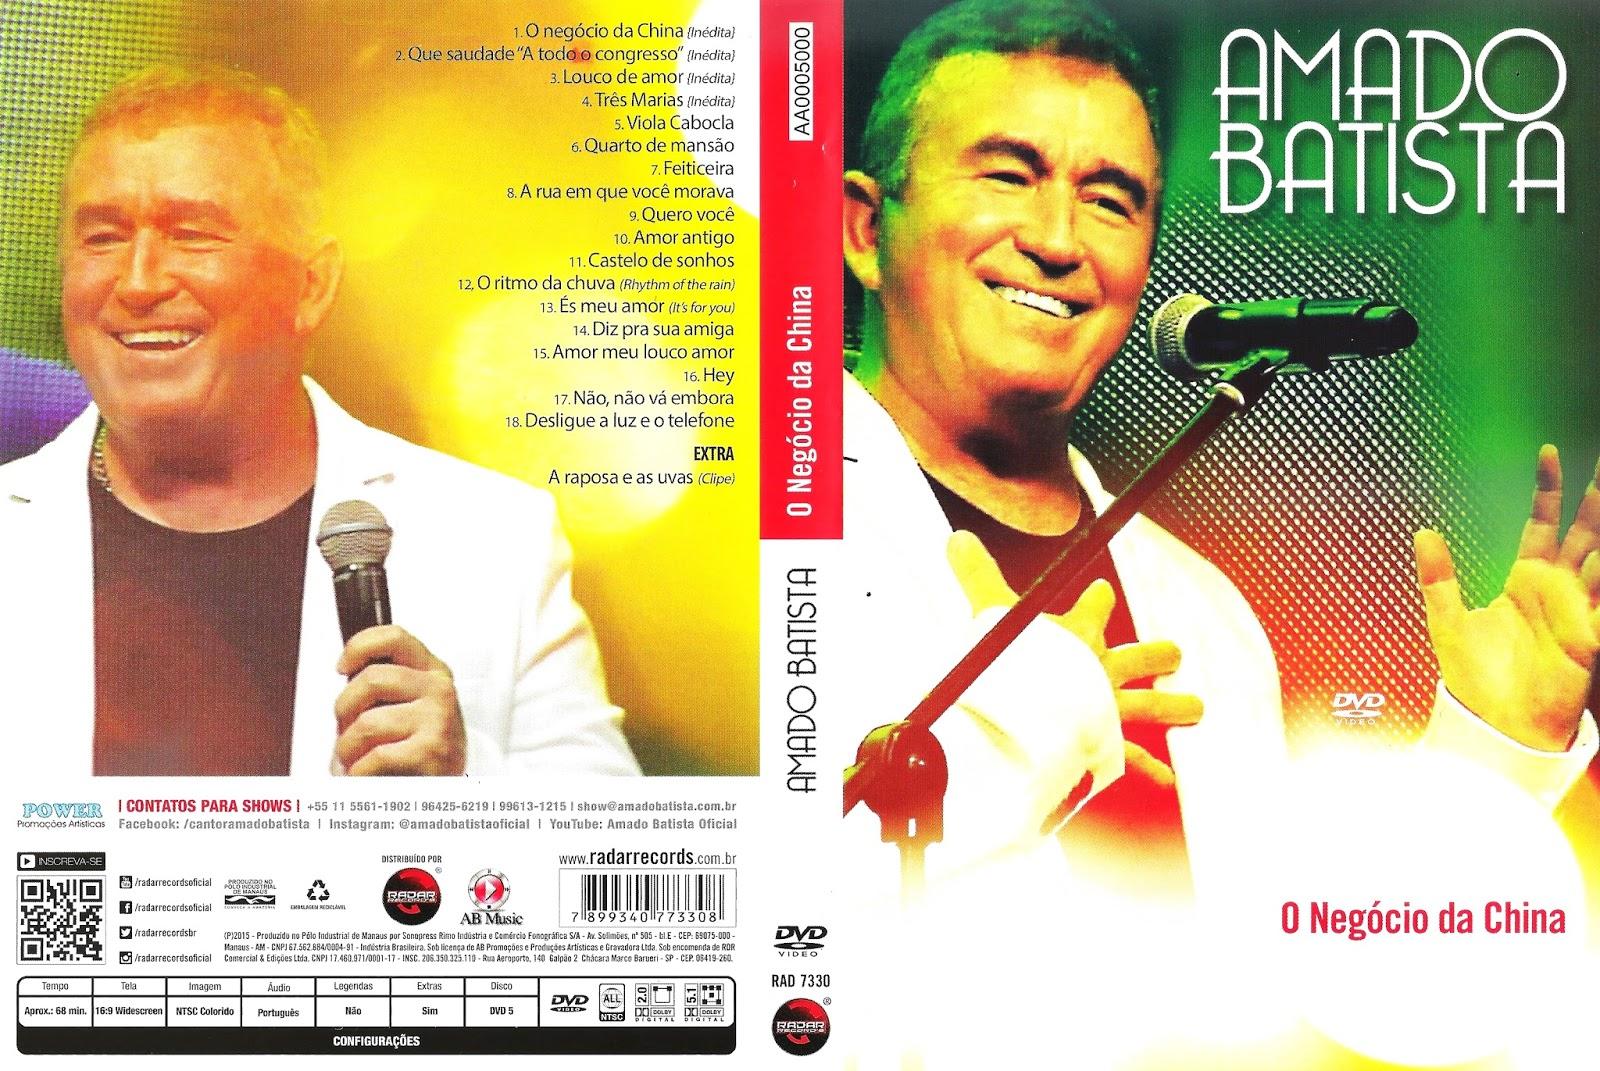 Amado Batista O Negócio da China DVD-R Amado 2BBatista 2B  2BO 2BNeg 25C3 25B3cio 2BDa 2BChina